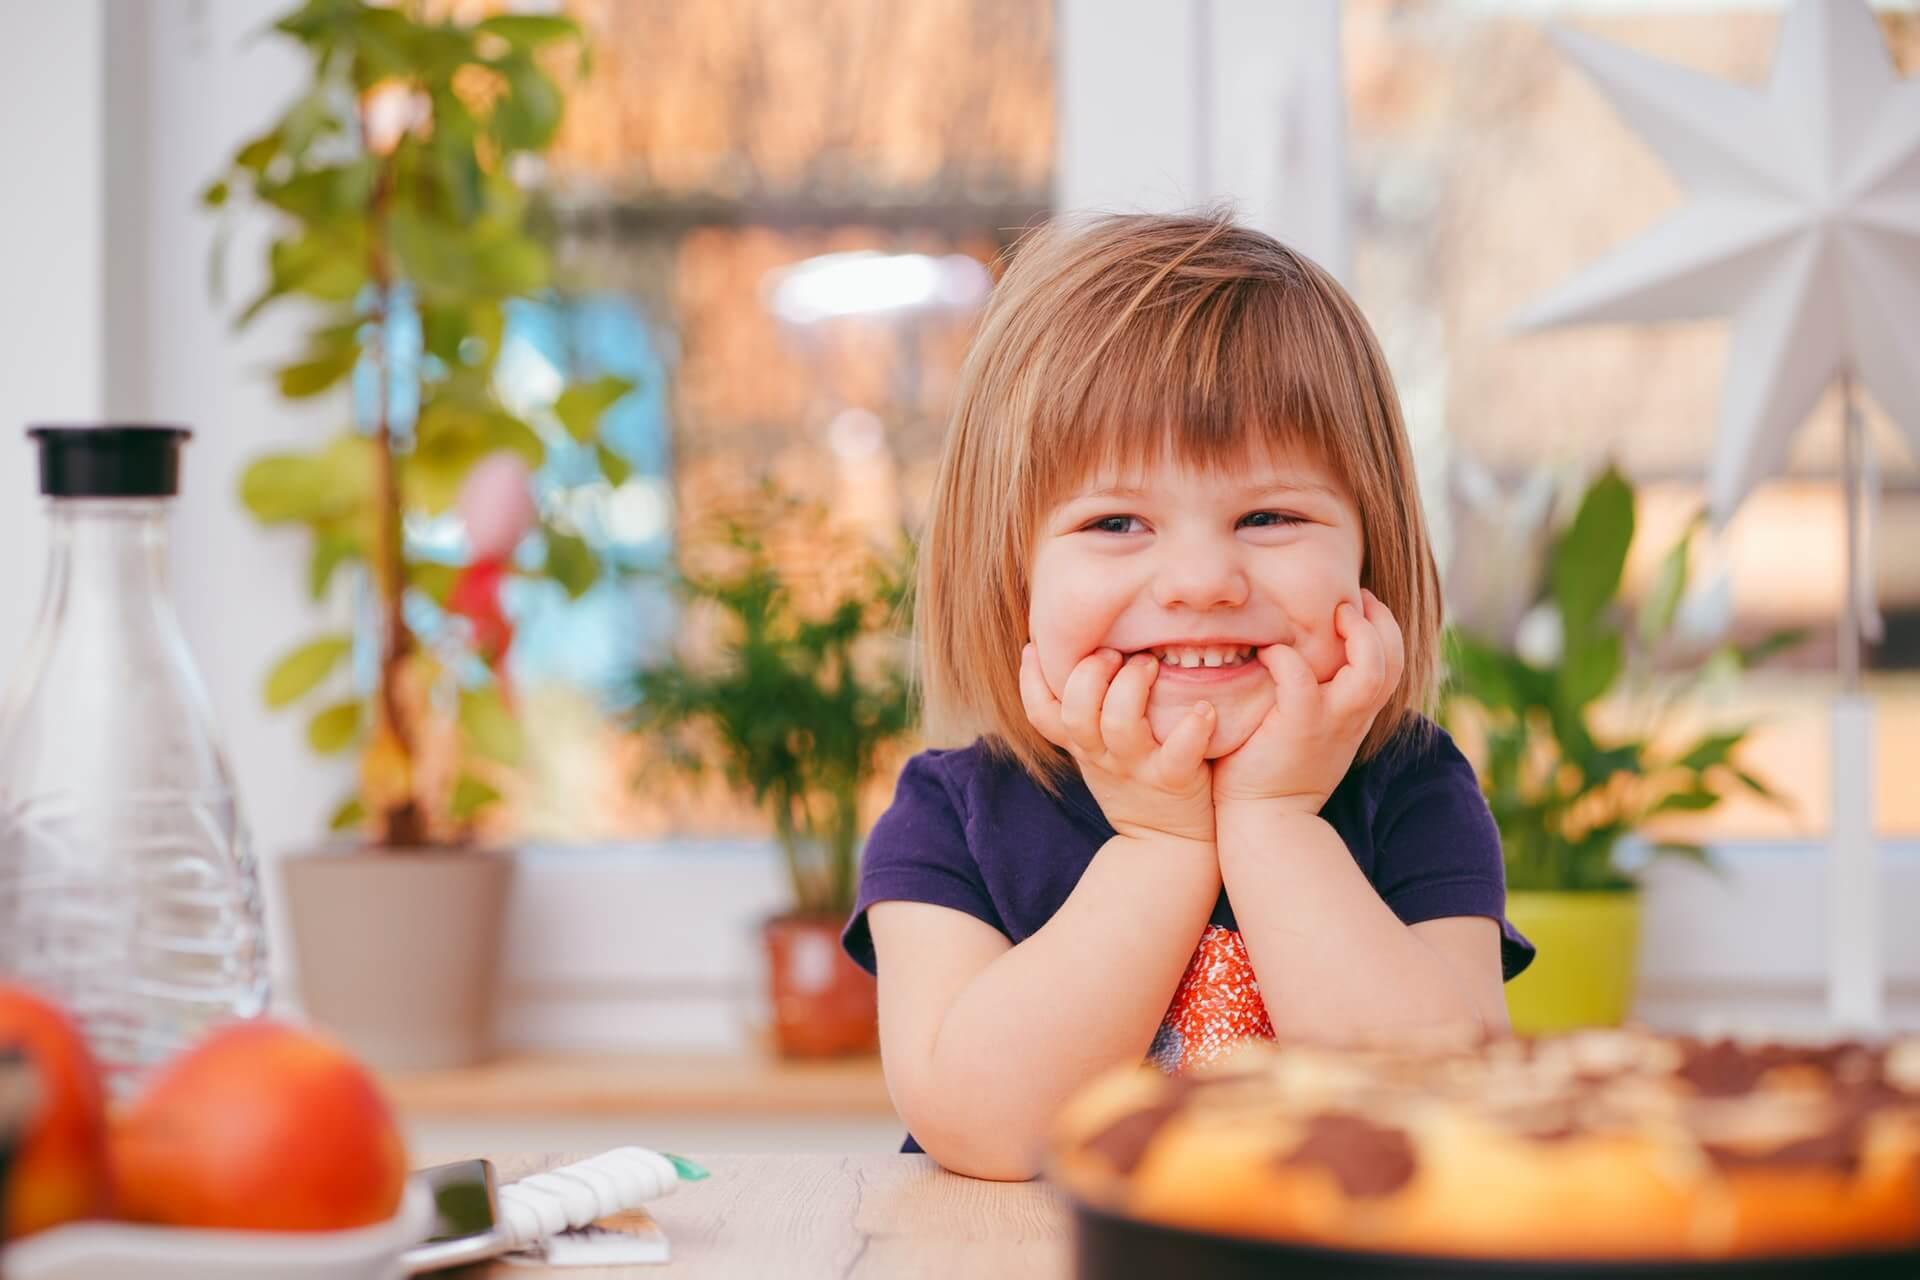 Easy Snacks Recipes for Kids